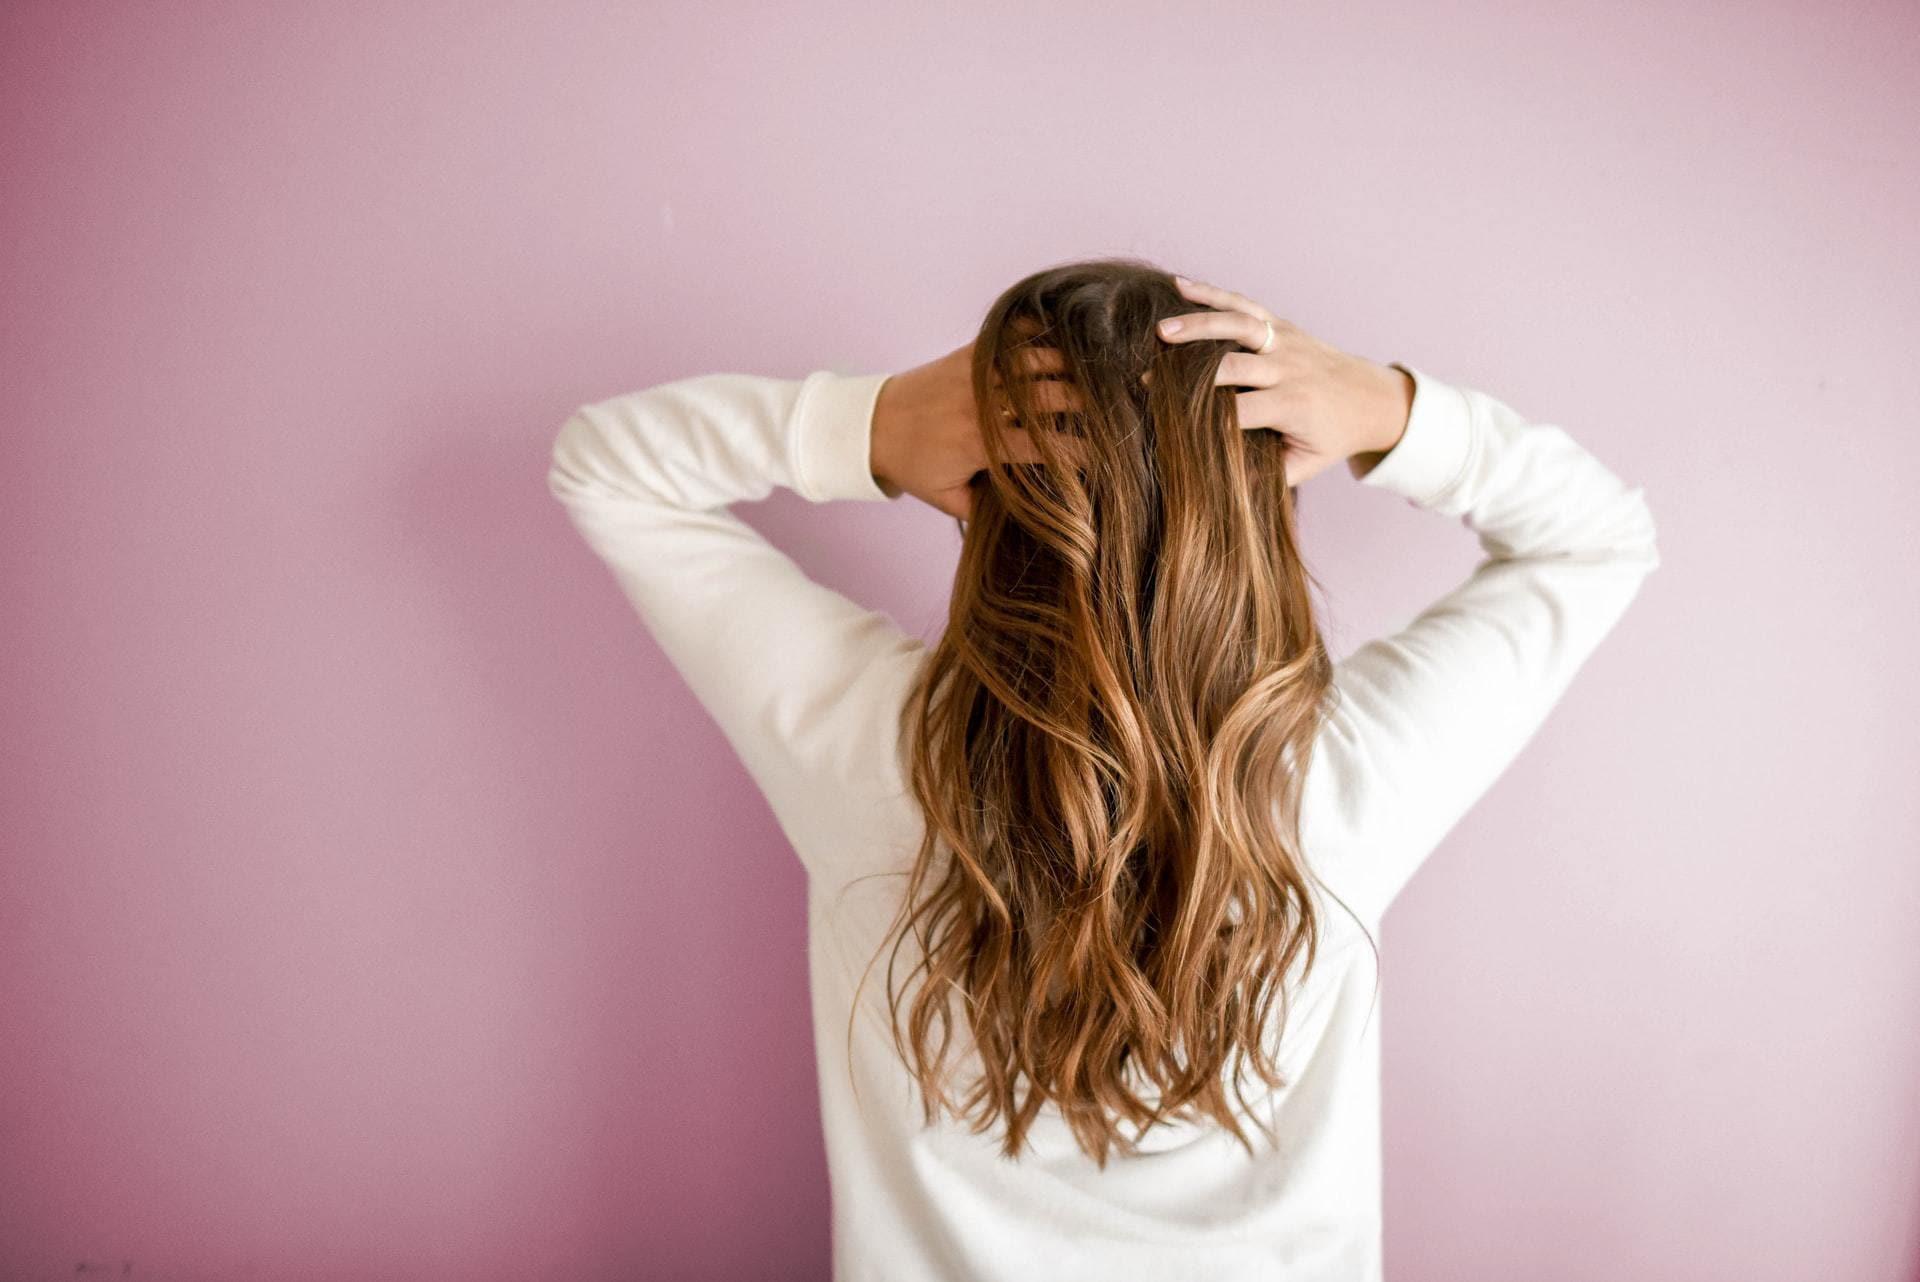 Persoon met lang haar op roze achtergrond